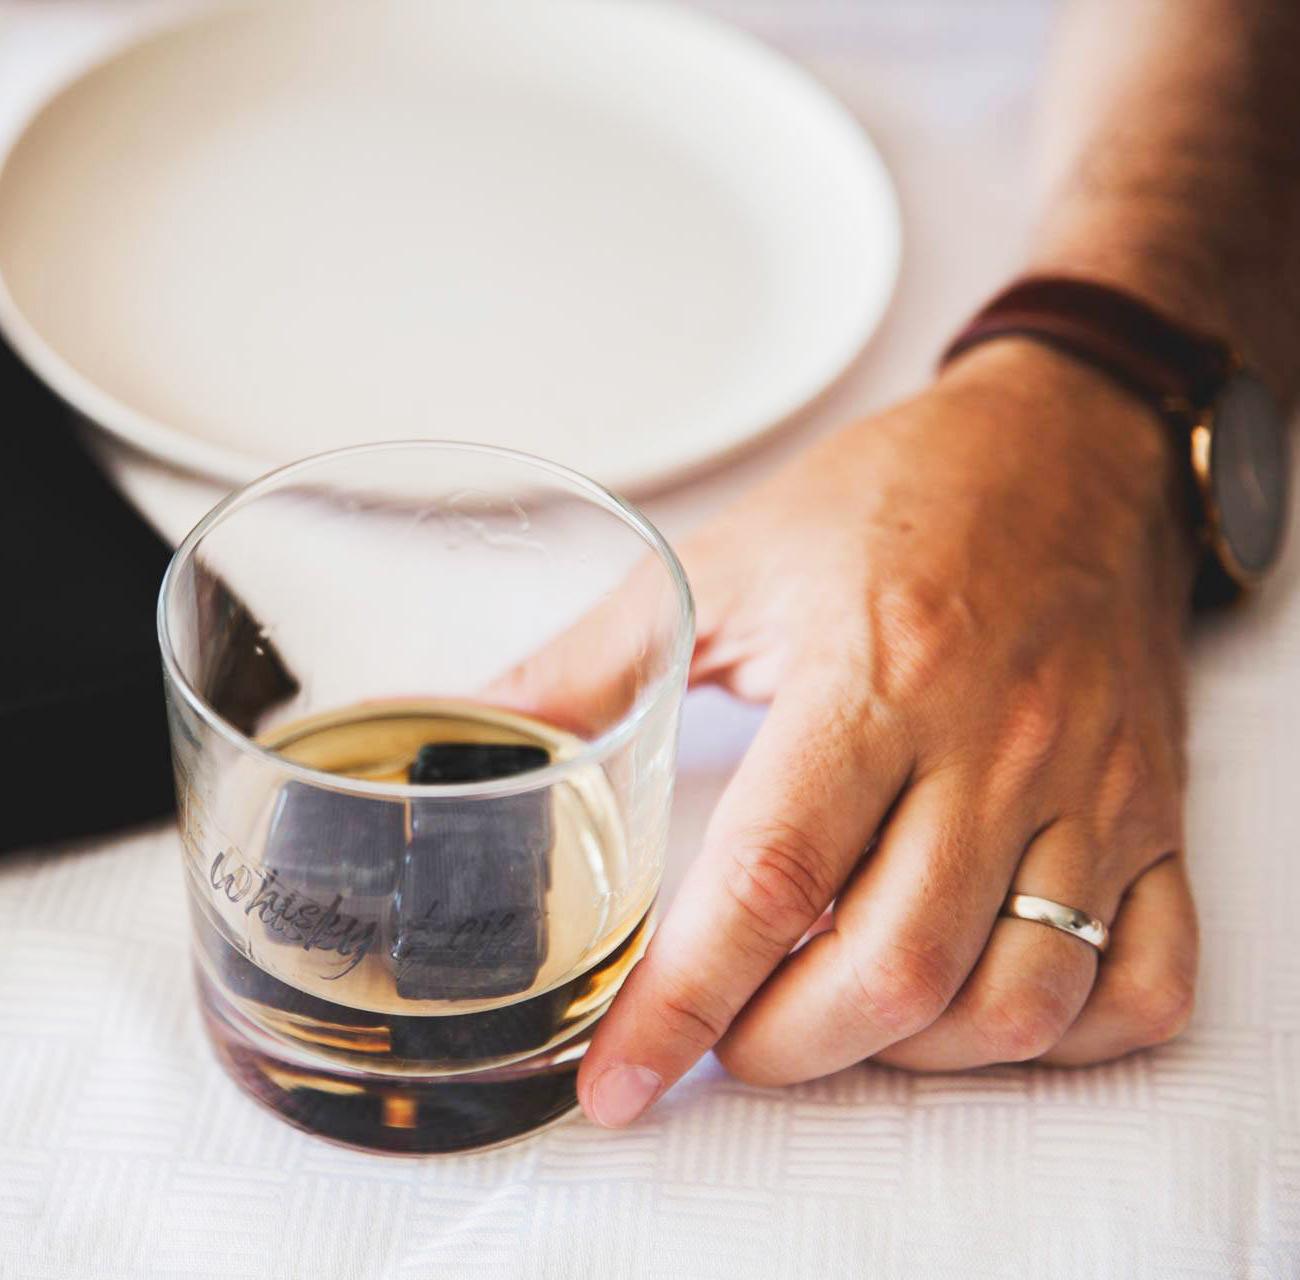 Cliquez ici pour acheter Verre – Whisky & cie